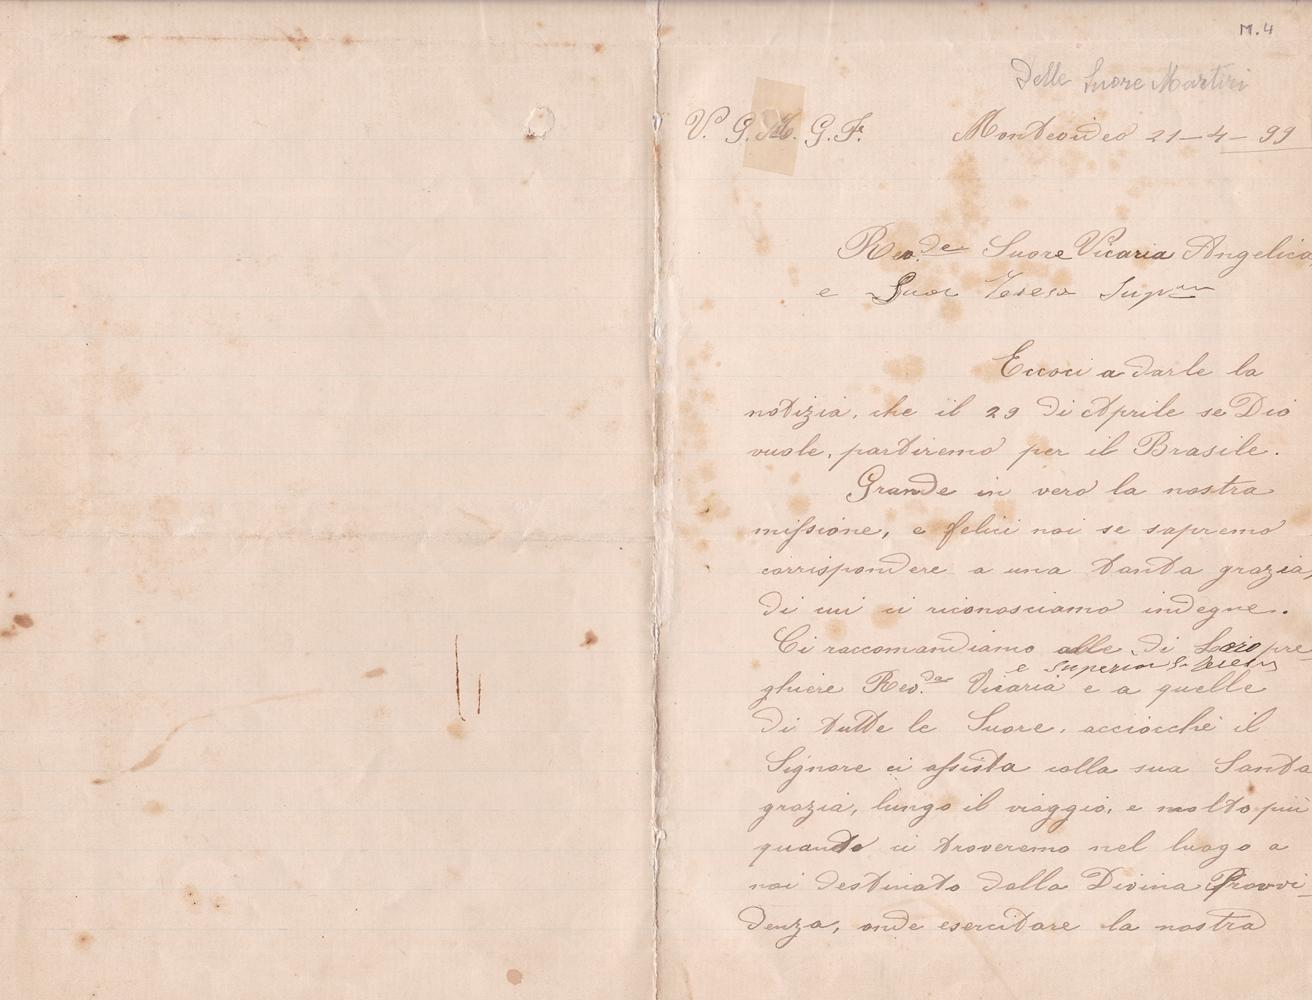 Lettera del gruppo missionario del 21 aprile 1899 recto